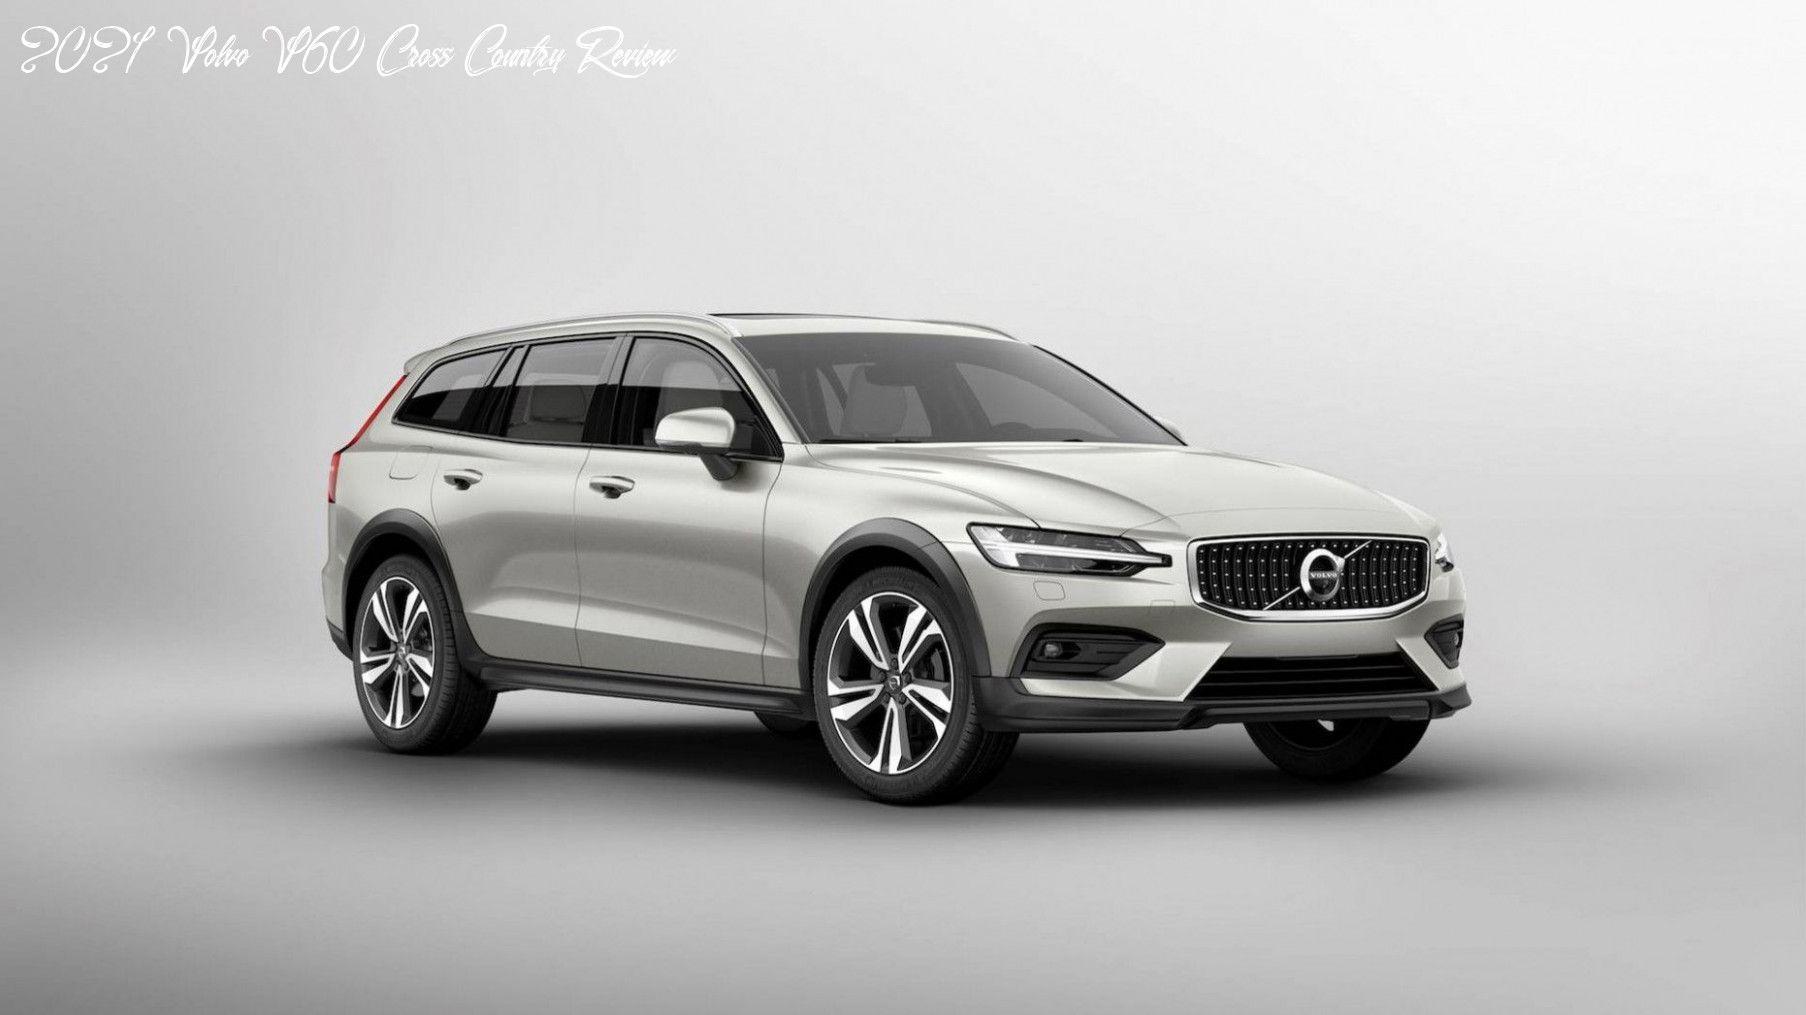 2021 Volvo V60 Cross Country Review Reviews In 2020 Volvo V60 Volvo Volvo Station Wagon